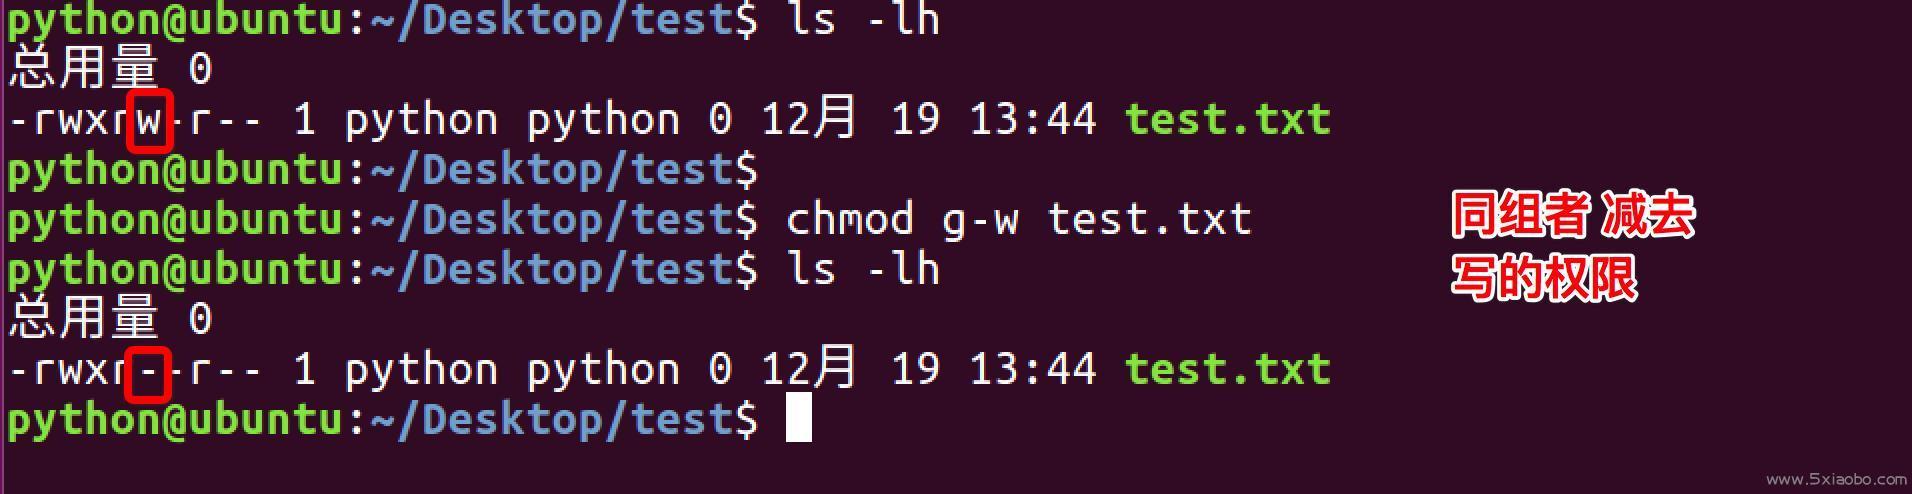 认识Linux命令--用户、权限管理  Linux 命令 第22张